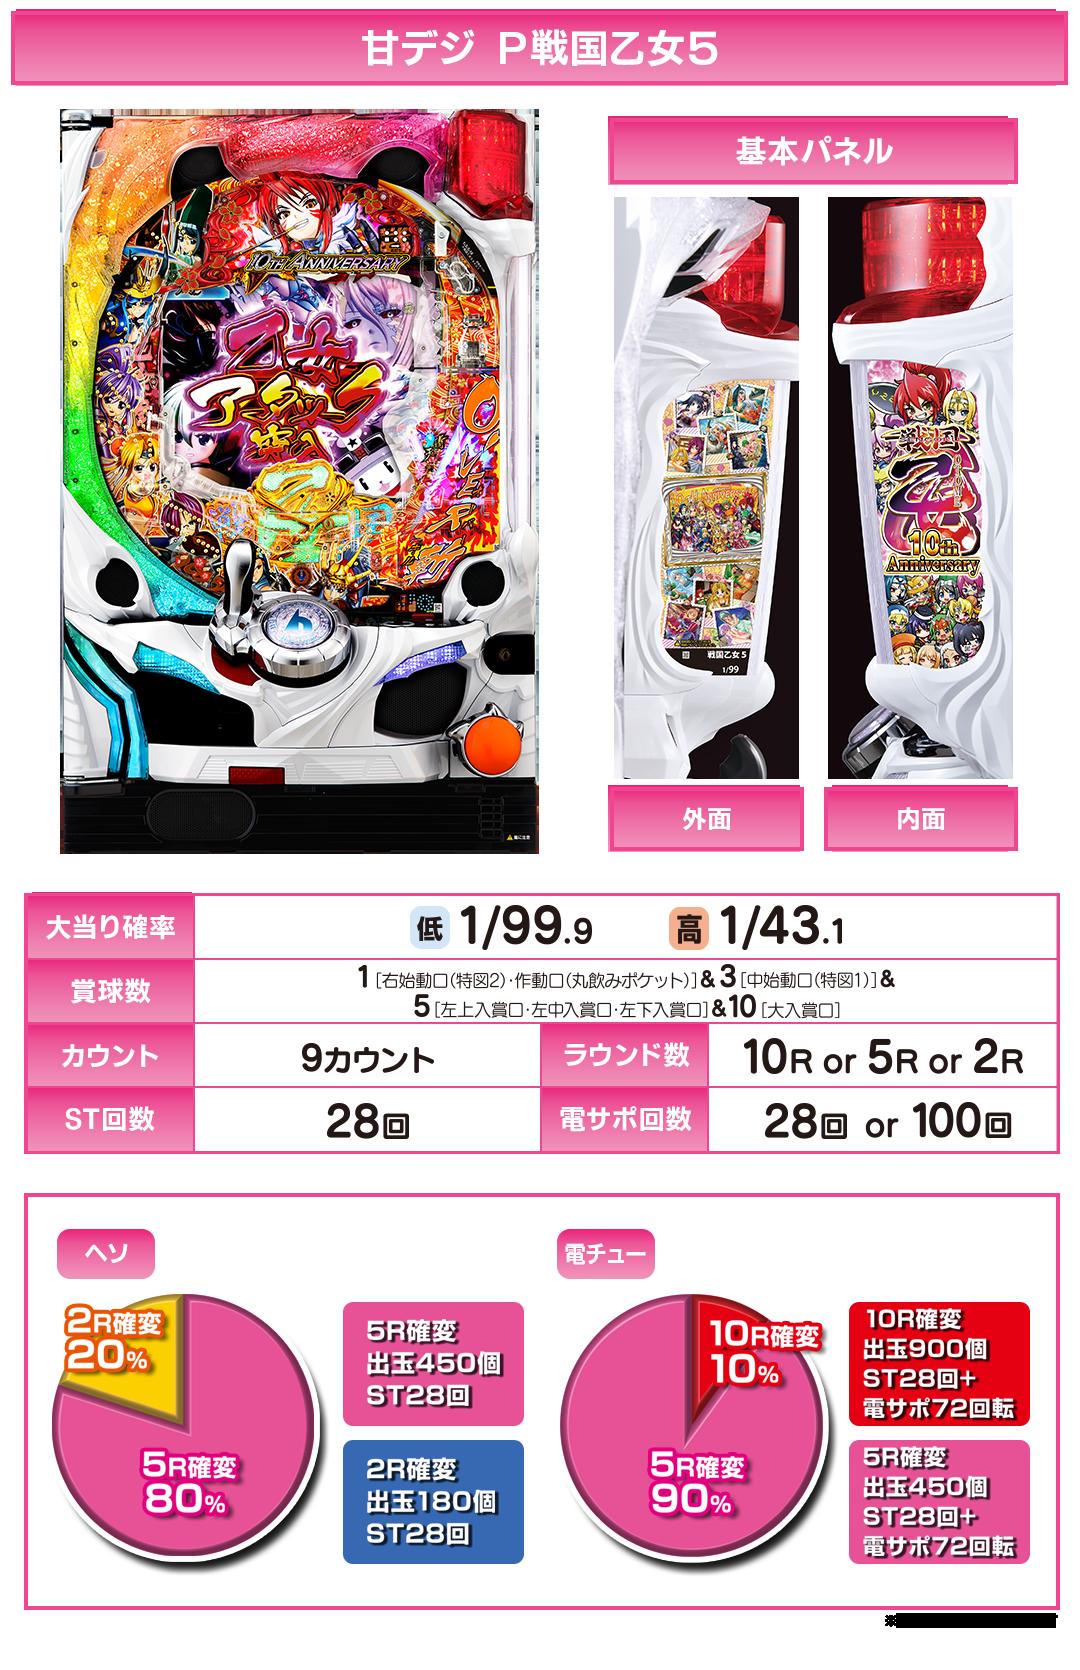 ぱちんこ 戦国 おとめ 甘 5